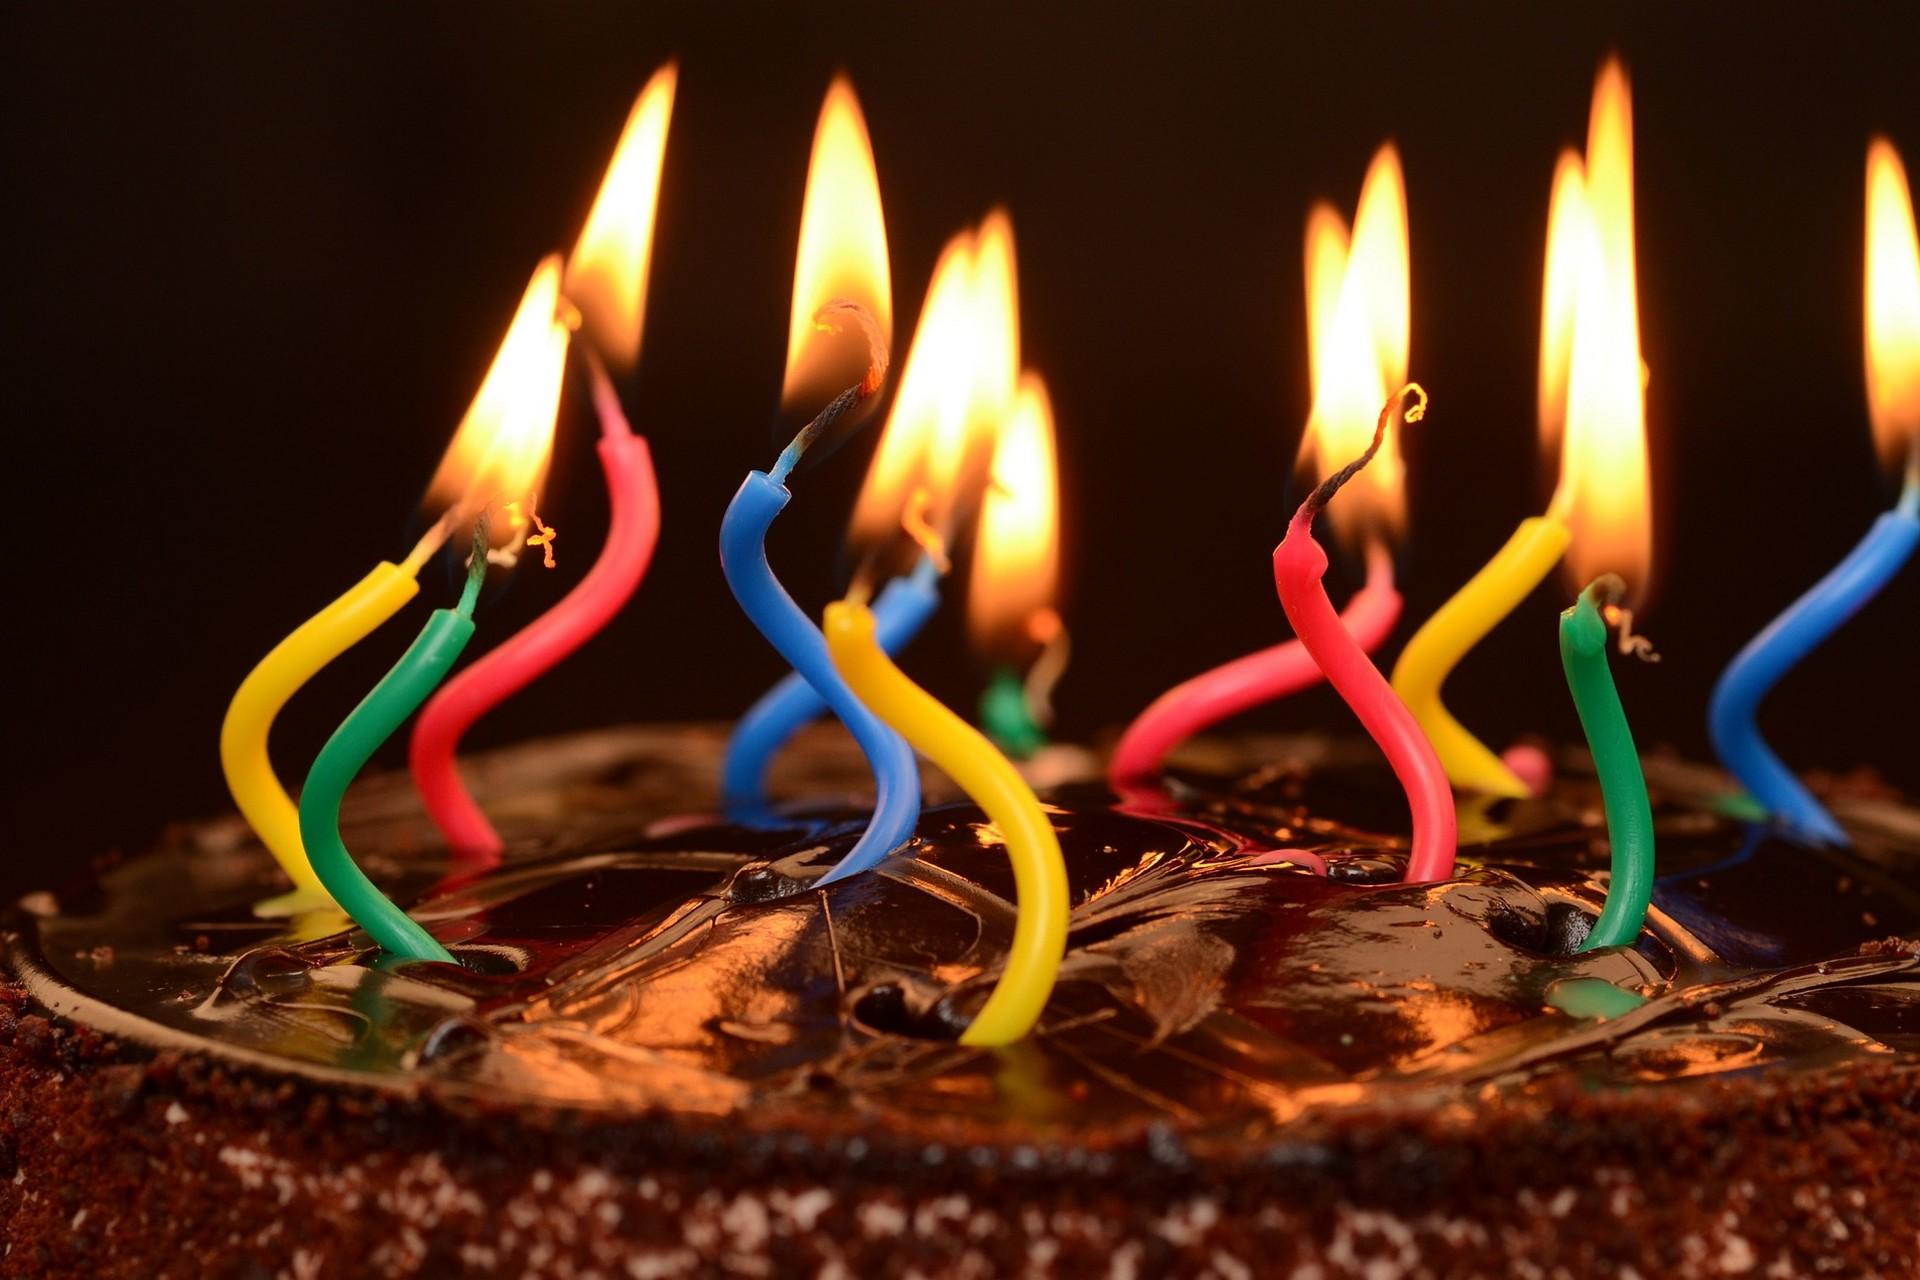 SALLE-SEMINAIRE-RECEPTION-CHERBOURG-IBIS-reception-privee-anniversaire-2